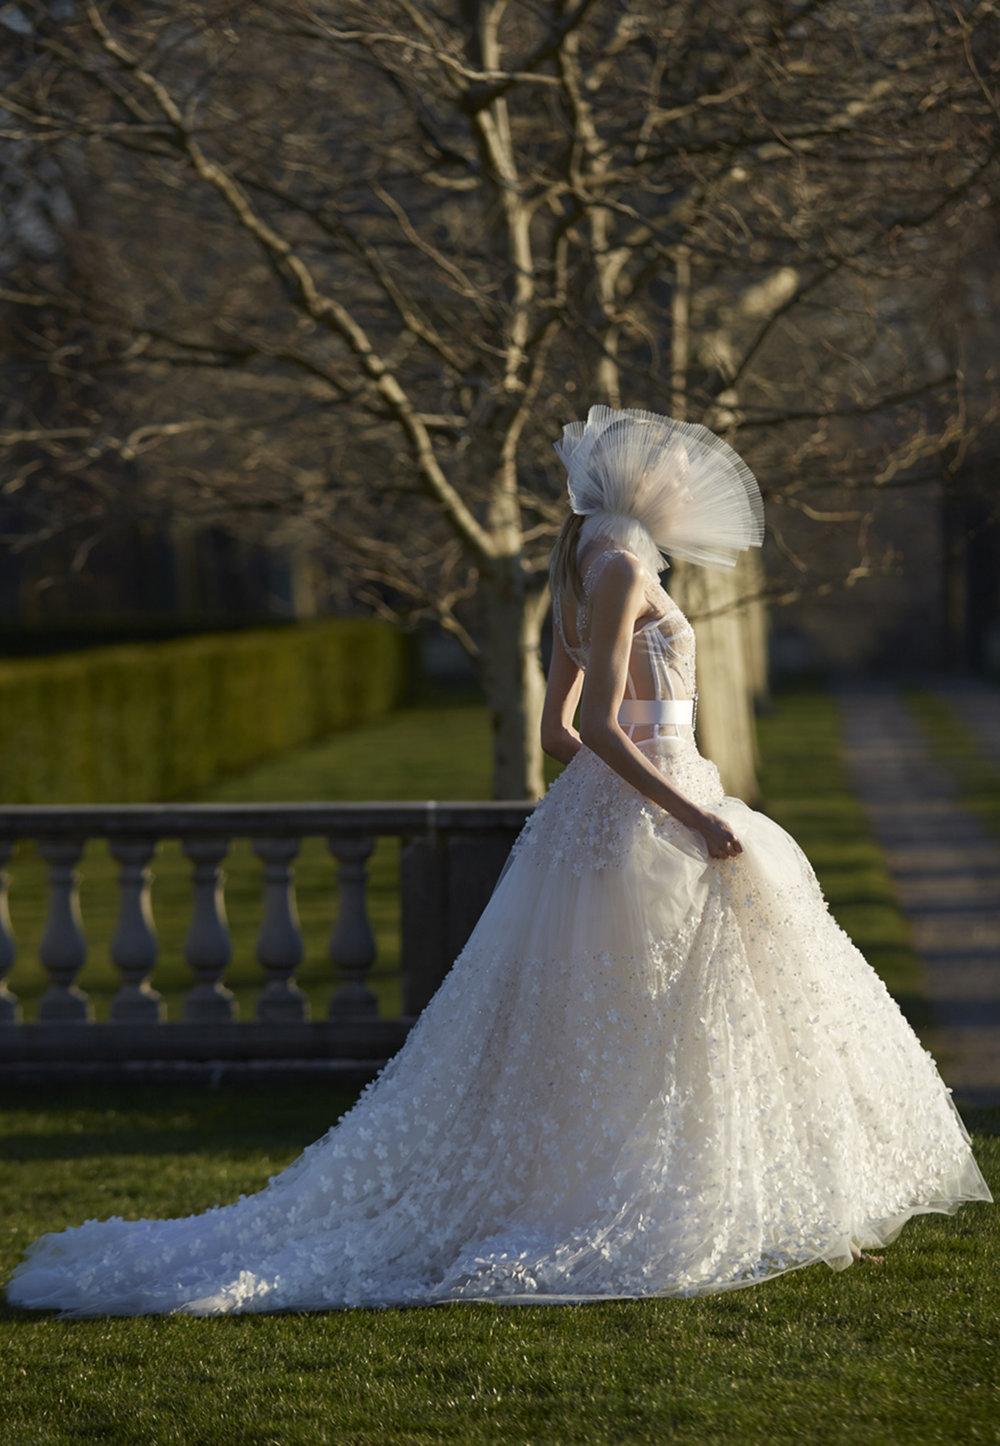 Season: Spring 2017    Gown name: Viola 露肩領口 /桃心形領公主大裙剪裁婚紗    Description: 露肩領口 /桃心形領公主大裙剪裁婚紗禮服,強調結構式的透視緊身馬甲衣 ,呈現了前衛與時尚的唯美浪漫。肩上與裙擺如星辰般滿佈的立體手工花卉,如閃耀的繁 星讓整個造型蒙上一層時尚的糖霜。拍攝婚照和晚宴婚禮都顯得極美。